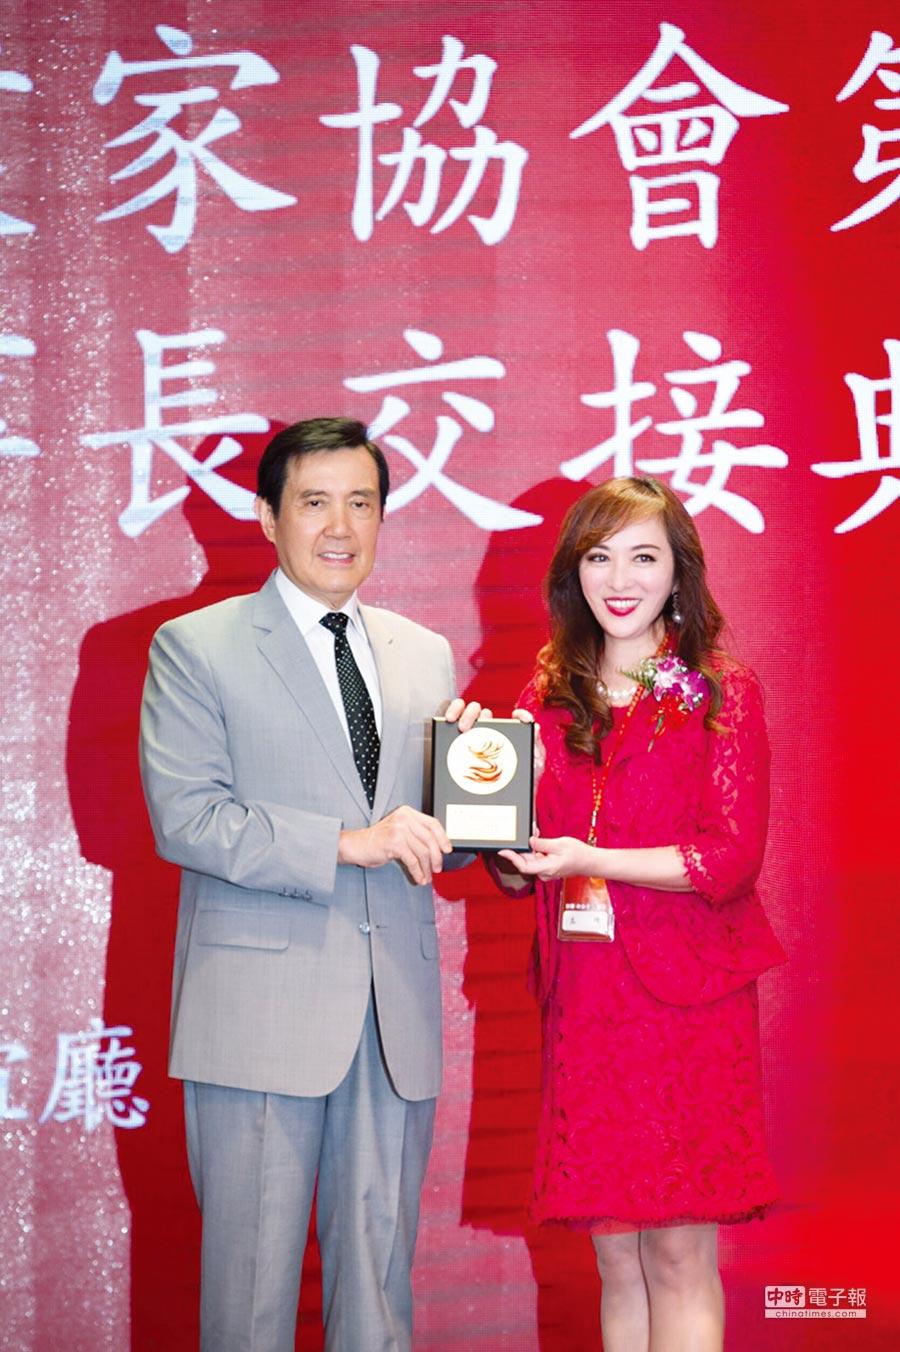 台灣女企業家協會理事長高琦。圖/台灣女企業家協會提供